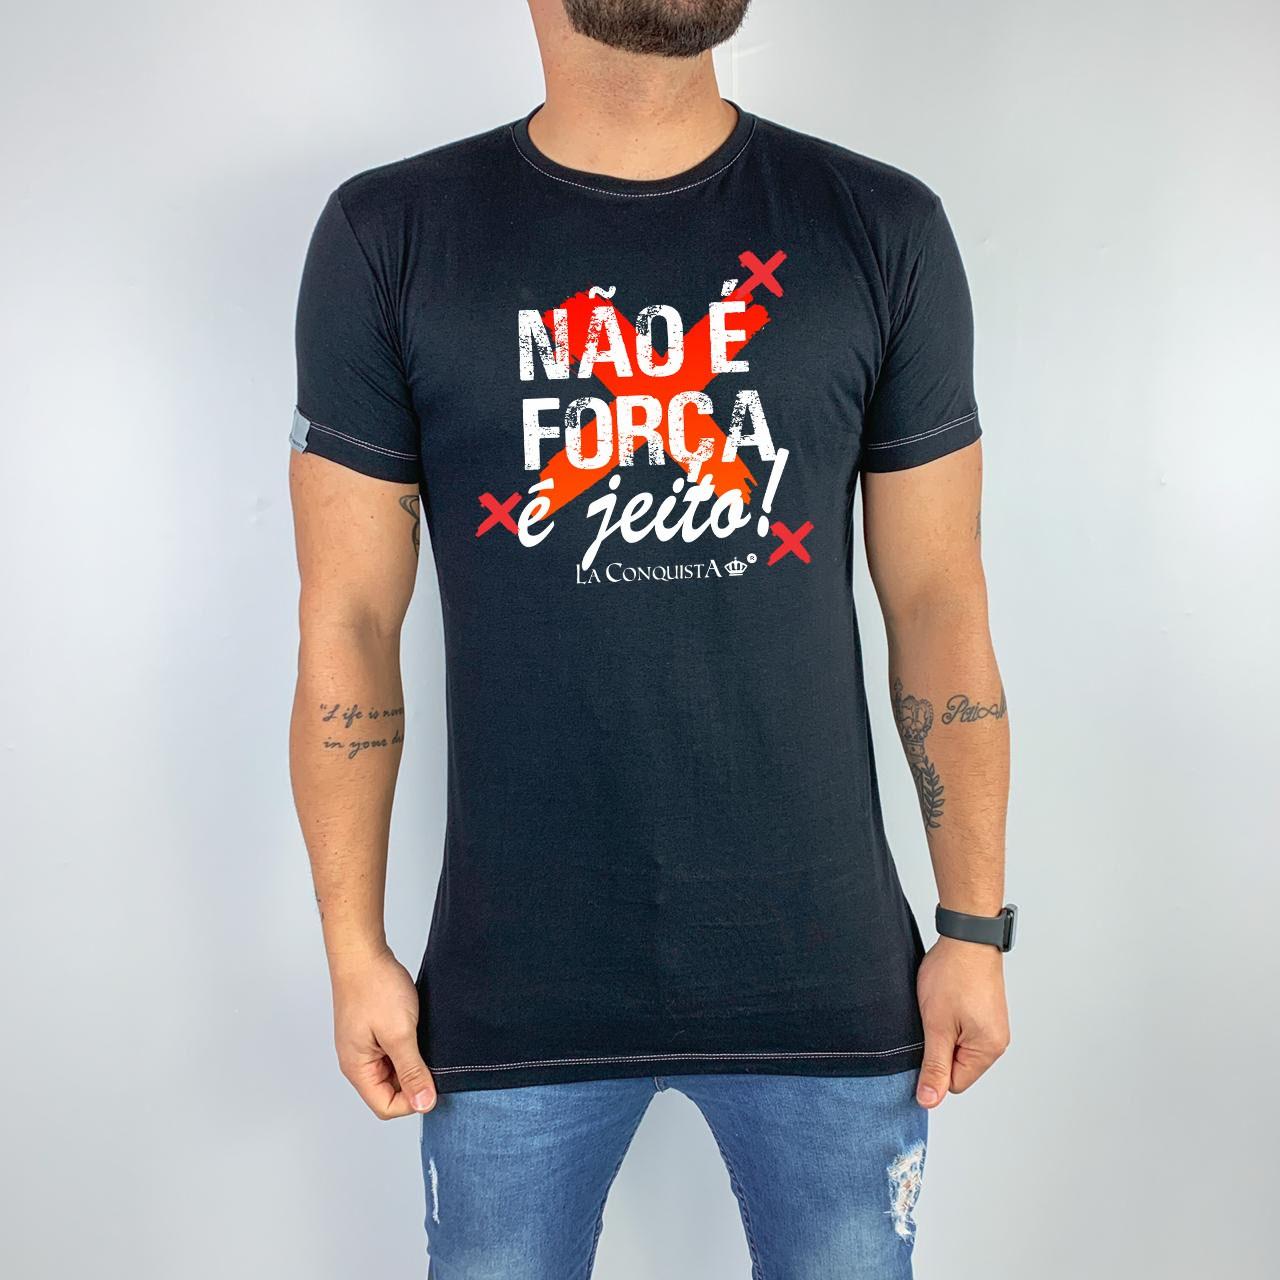 Camiseta Não é força, é jeito